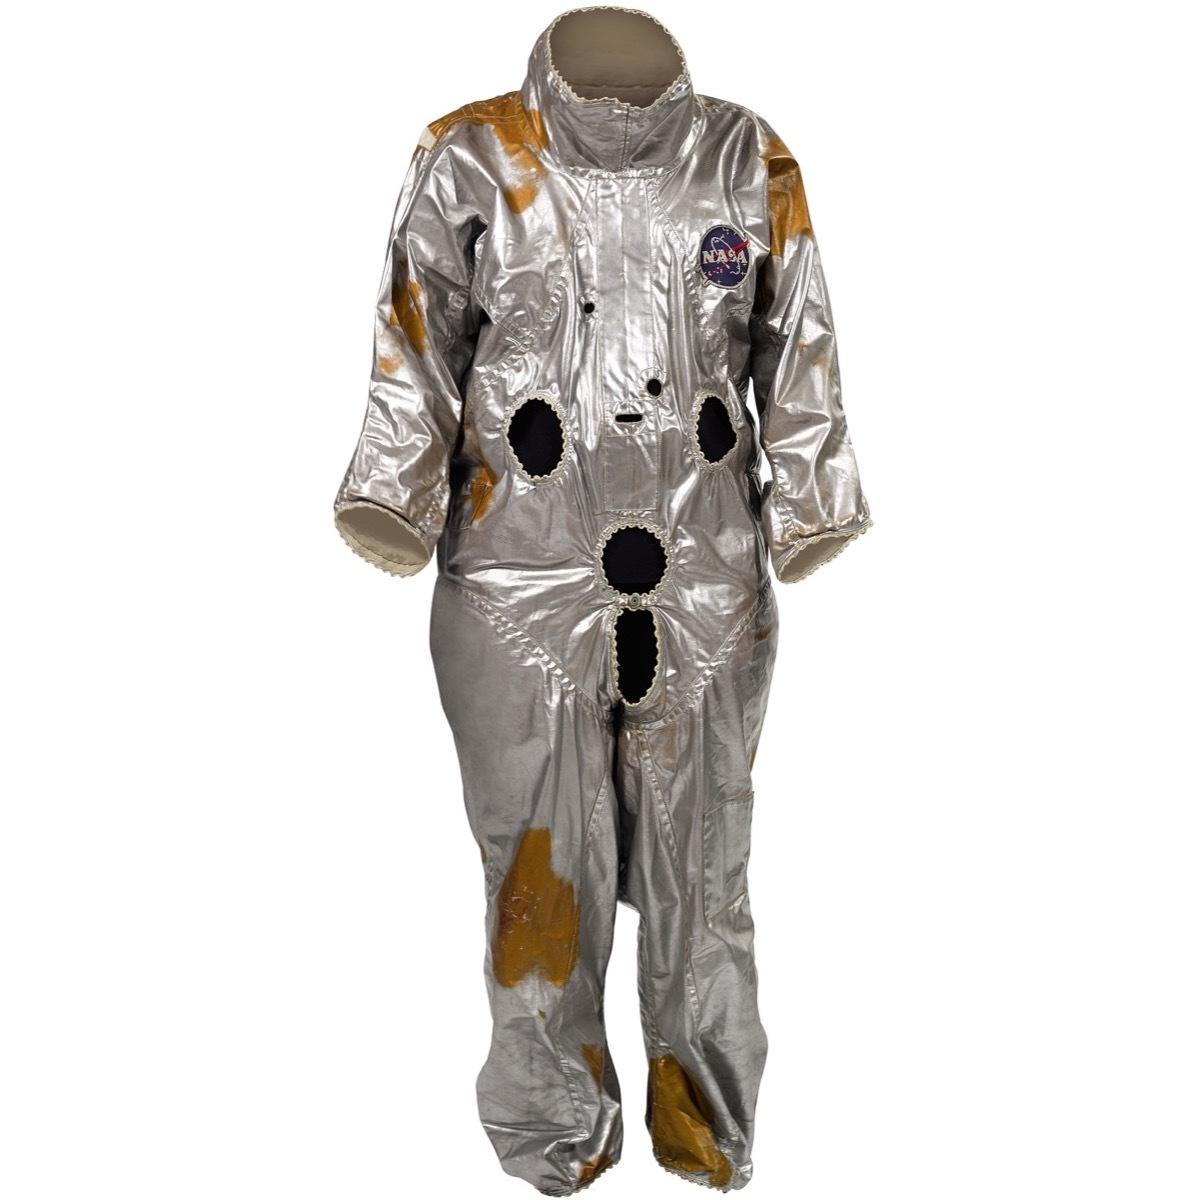 ジェミニ計画G1C宇宙服の断熱防護層